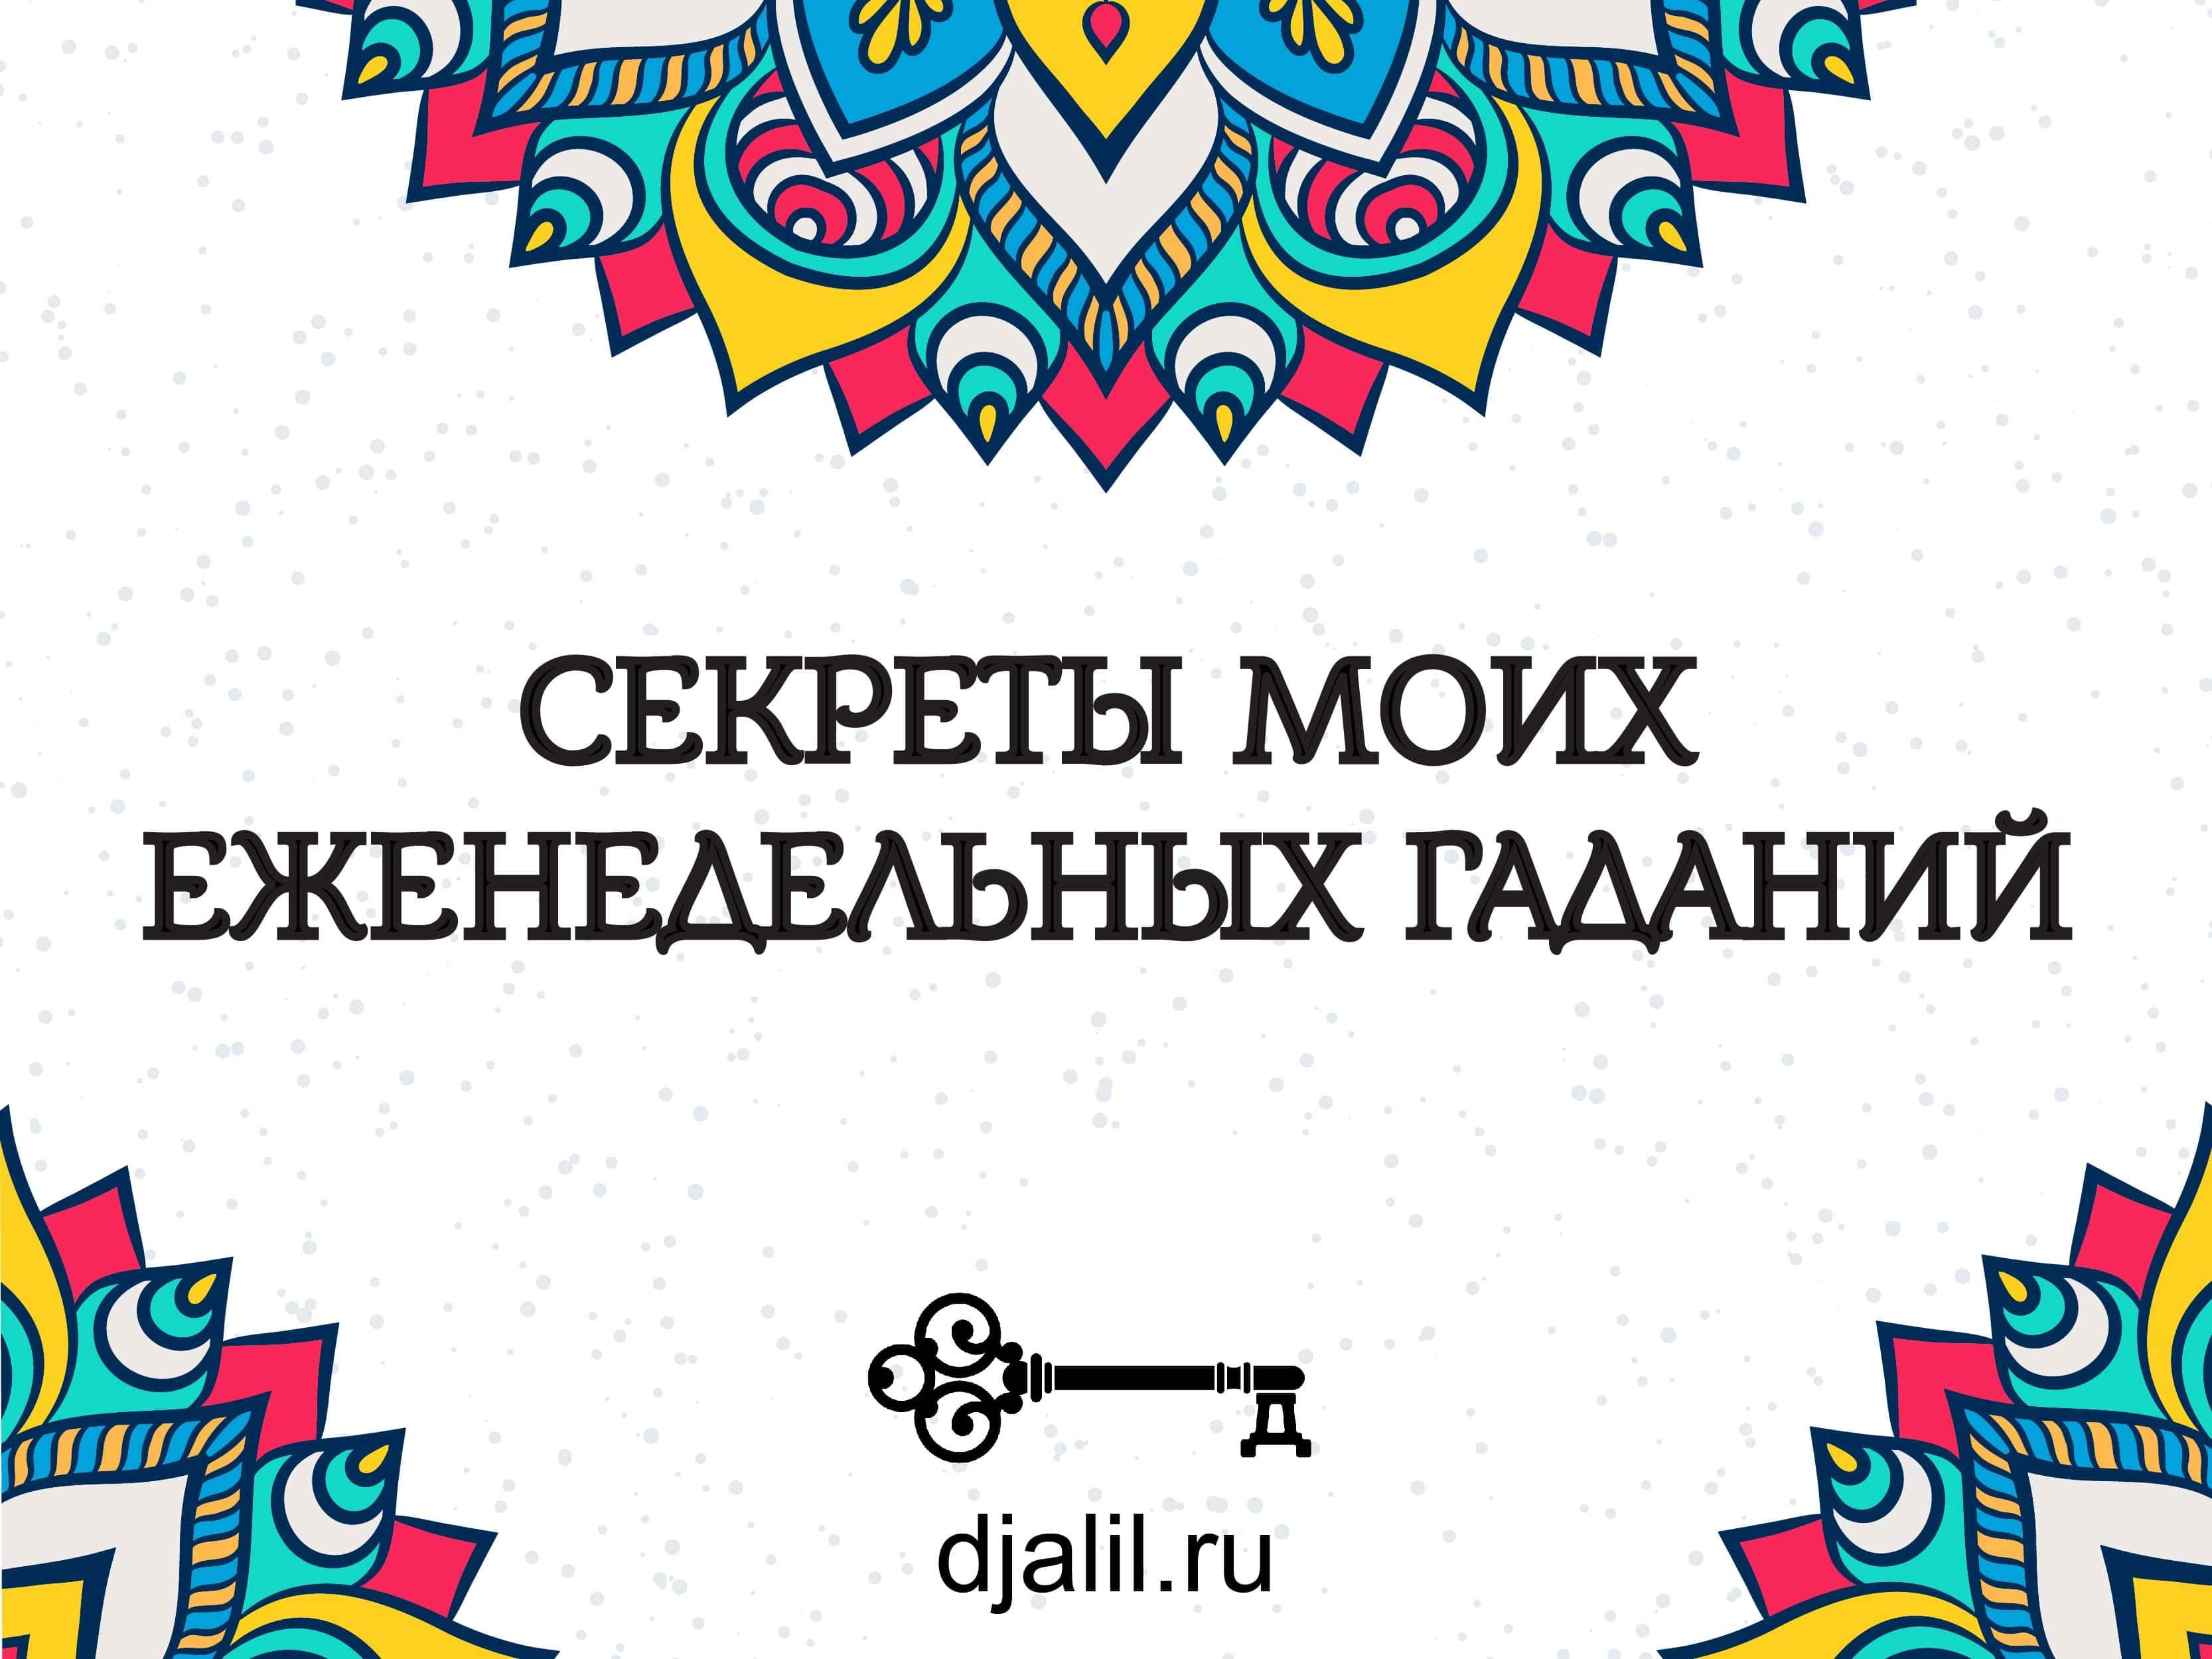 Про еженедельные гадания-01-01-min